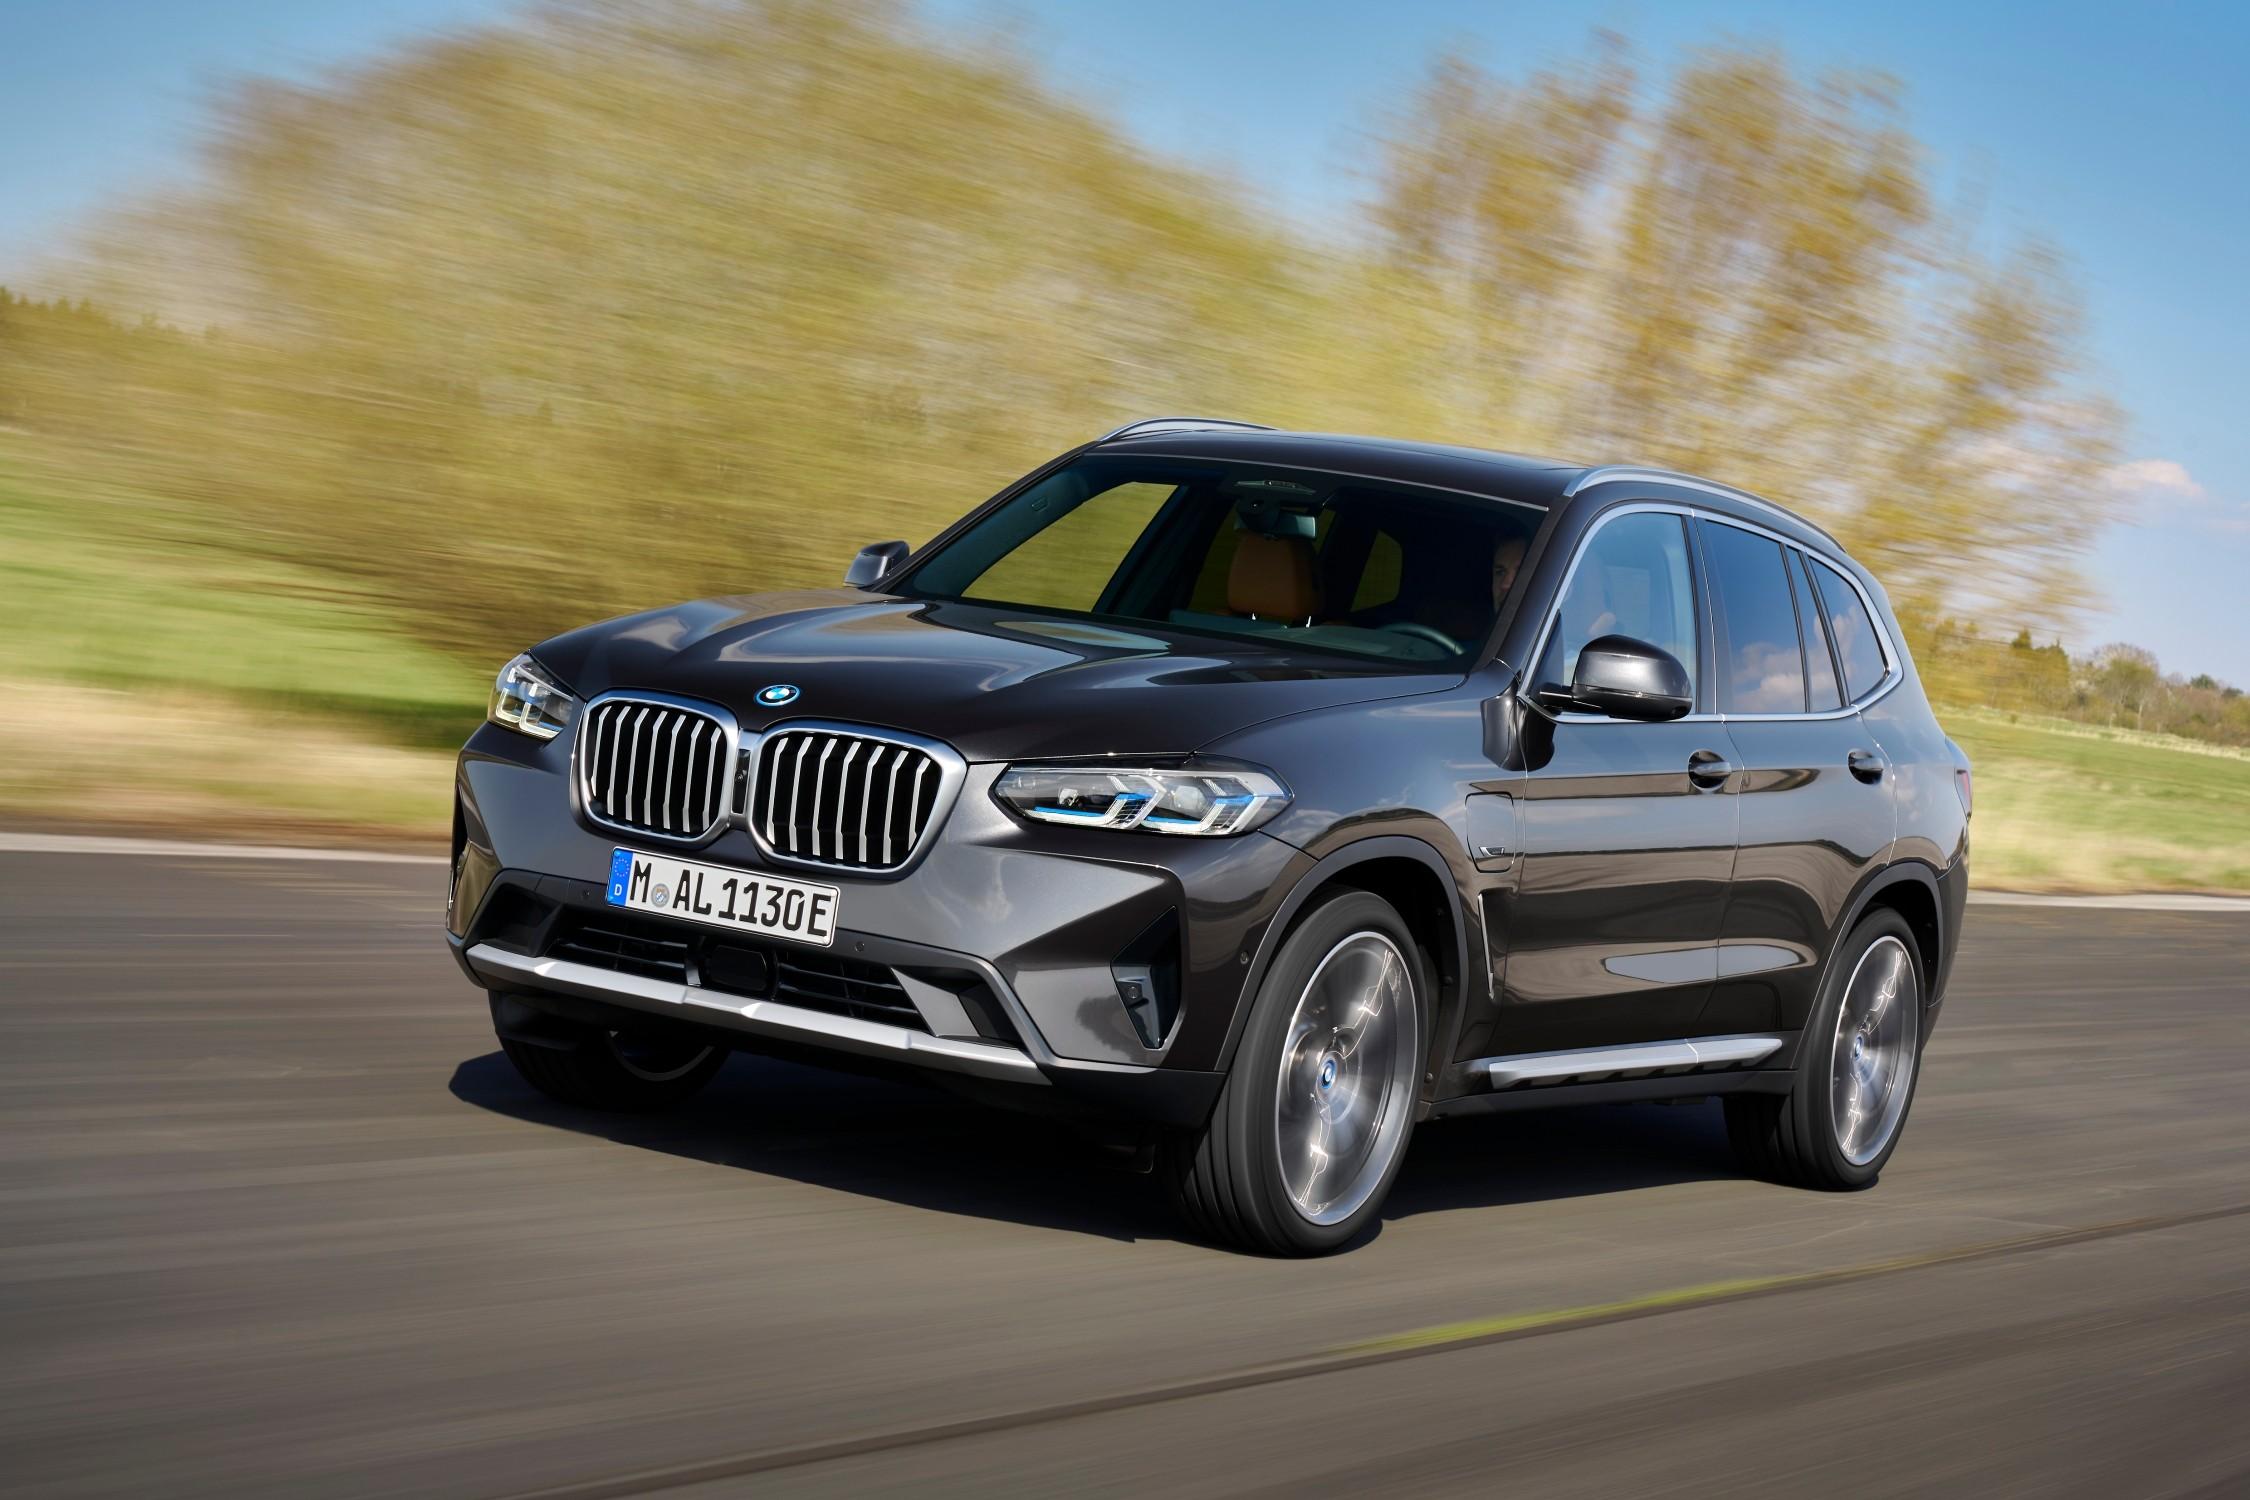 Nuova BMW X3 e X4: Design, interni e motori.